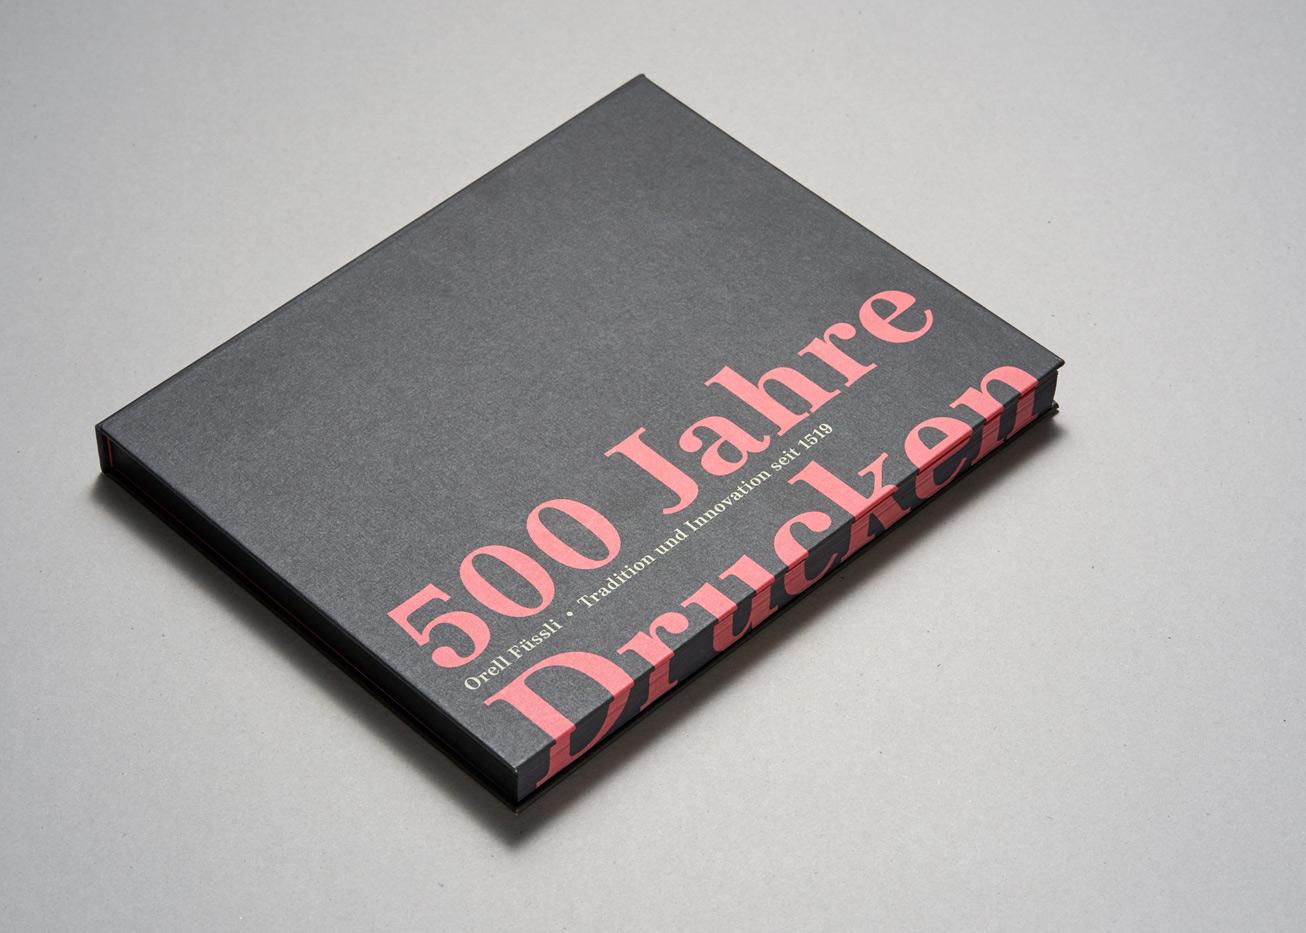 500 Jahre Drucken Jubiläumsbuch von Orell Füssli